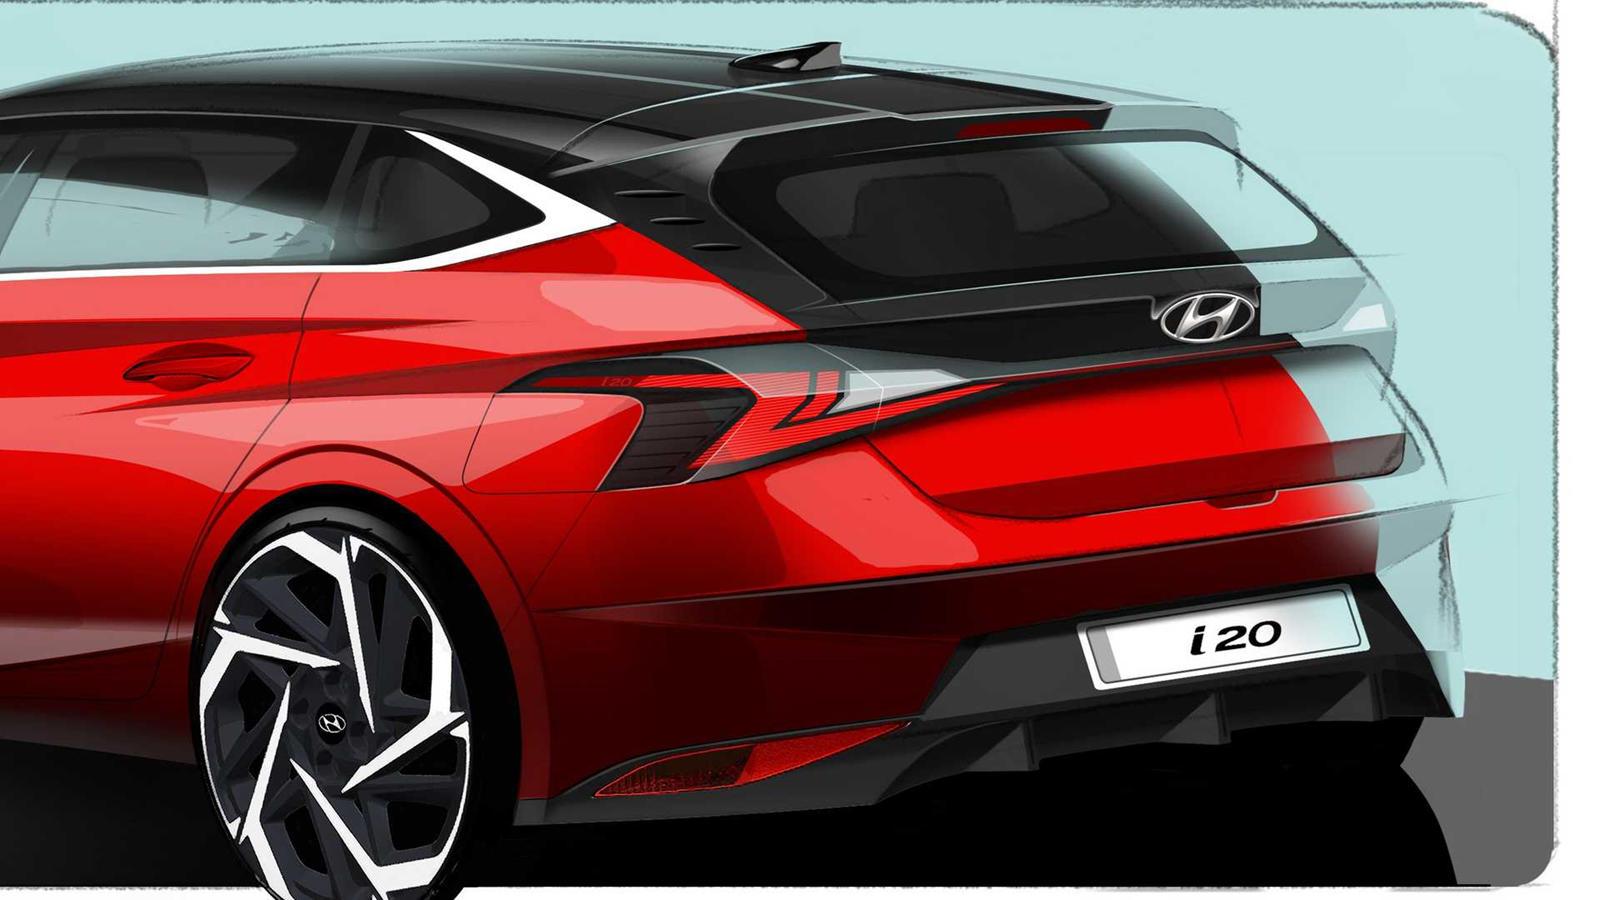 Совсем недавно мы были впечатлены эскизами хэтчбека i20. Конечно, компания также выпустила поразительную Sonata. А в прошлом году мы впервые увидели седан Hyundai Azera с решеткой, усыпанной алмазами. Следующая фаза дизайнерской революции корейского